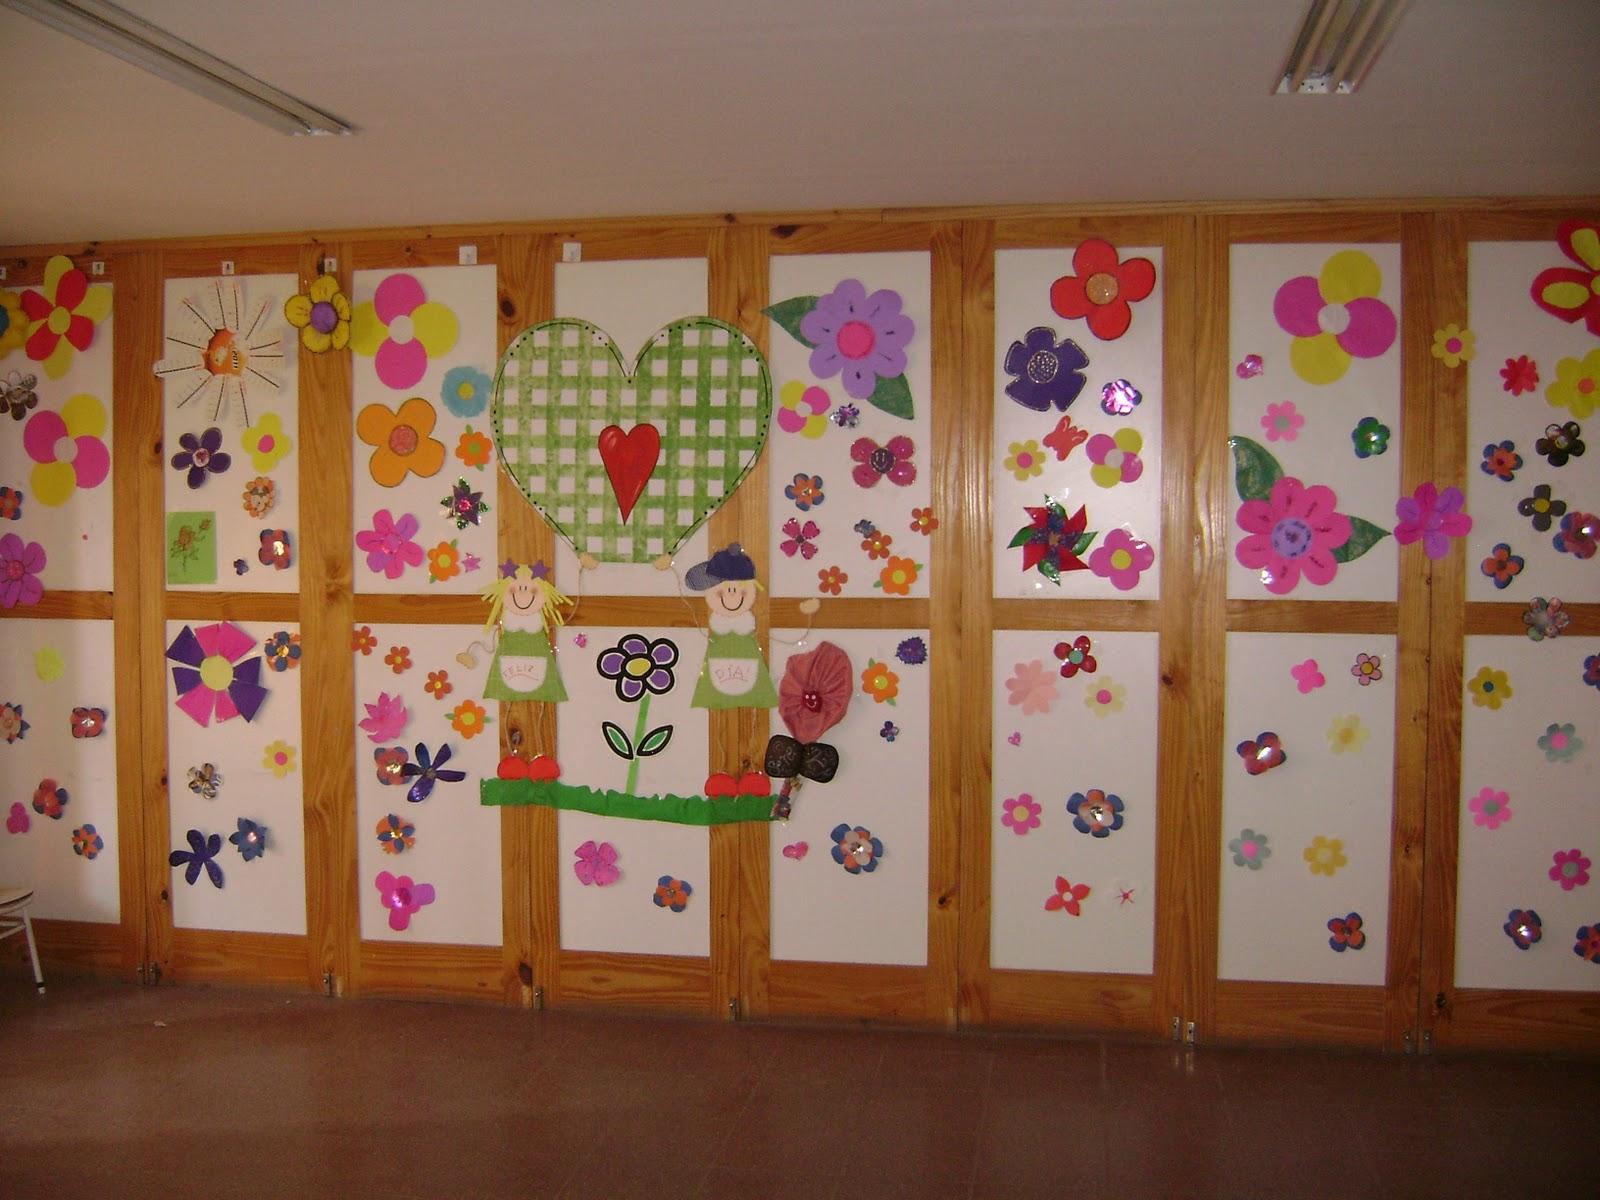 decoraci n en el jard n de infantes enero 2012